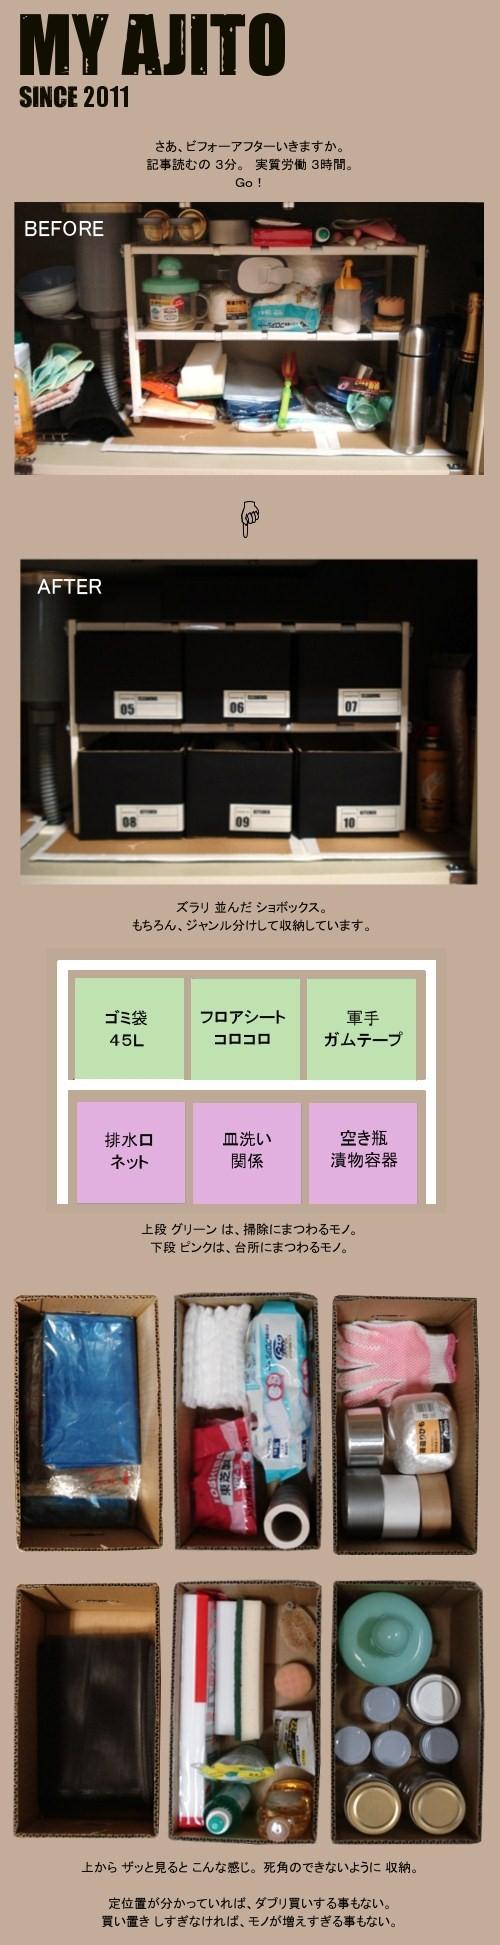 shinkushita3.jpg